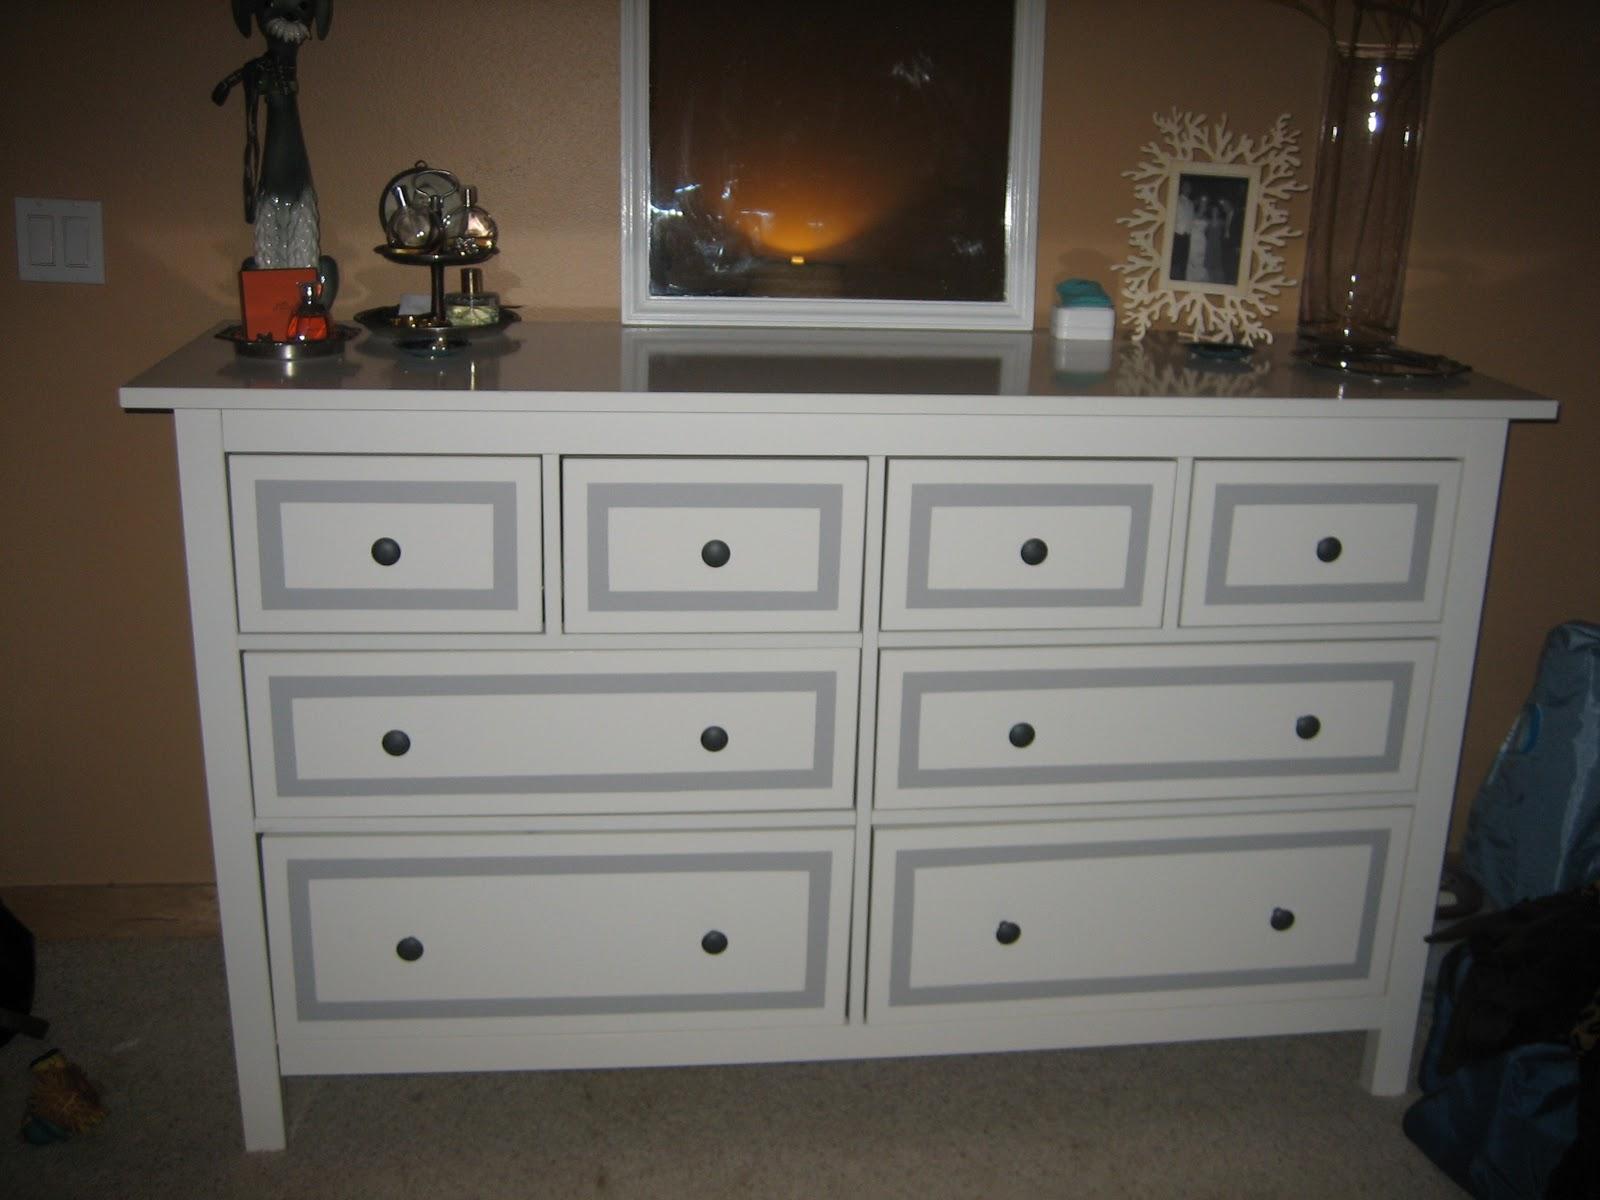 dressers hemnes 28 images hemnes drawer dresser bedroom furniture reviews, dresser hemnes